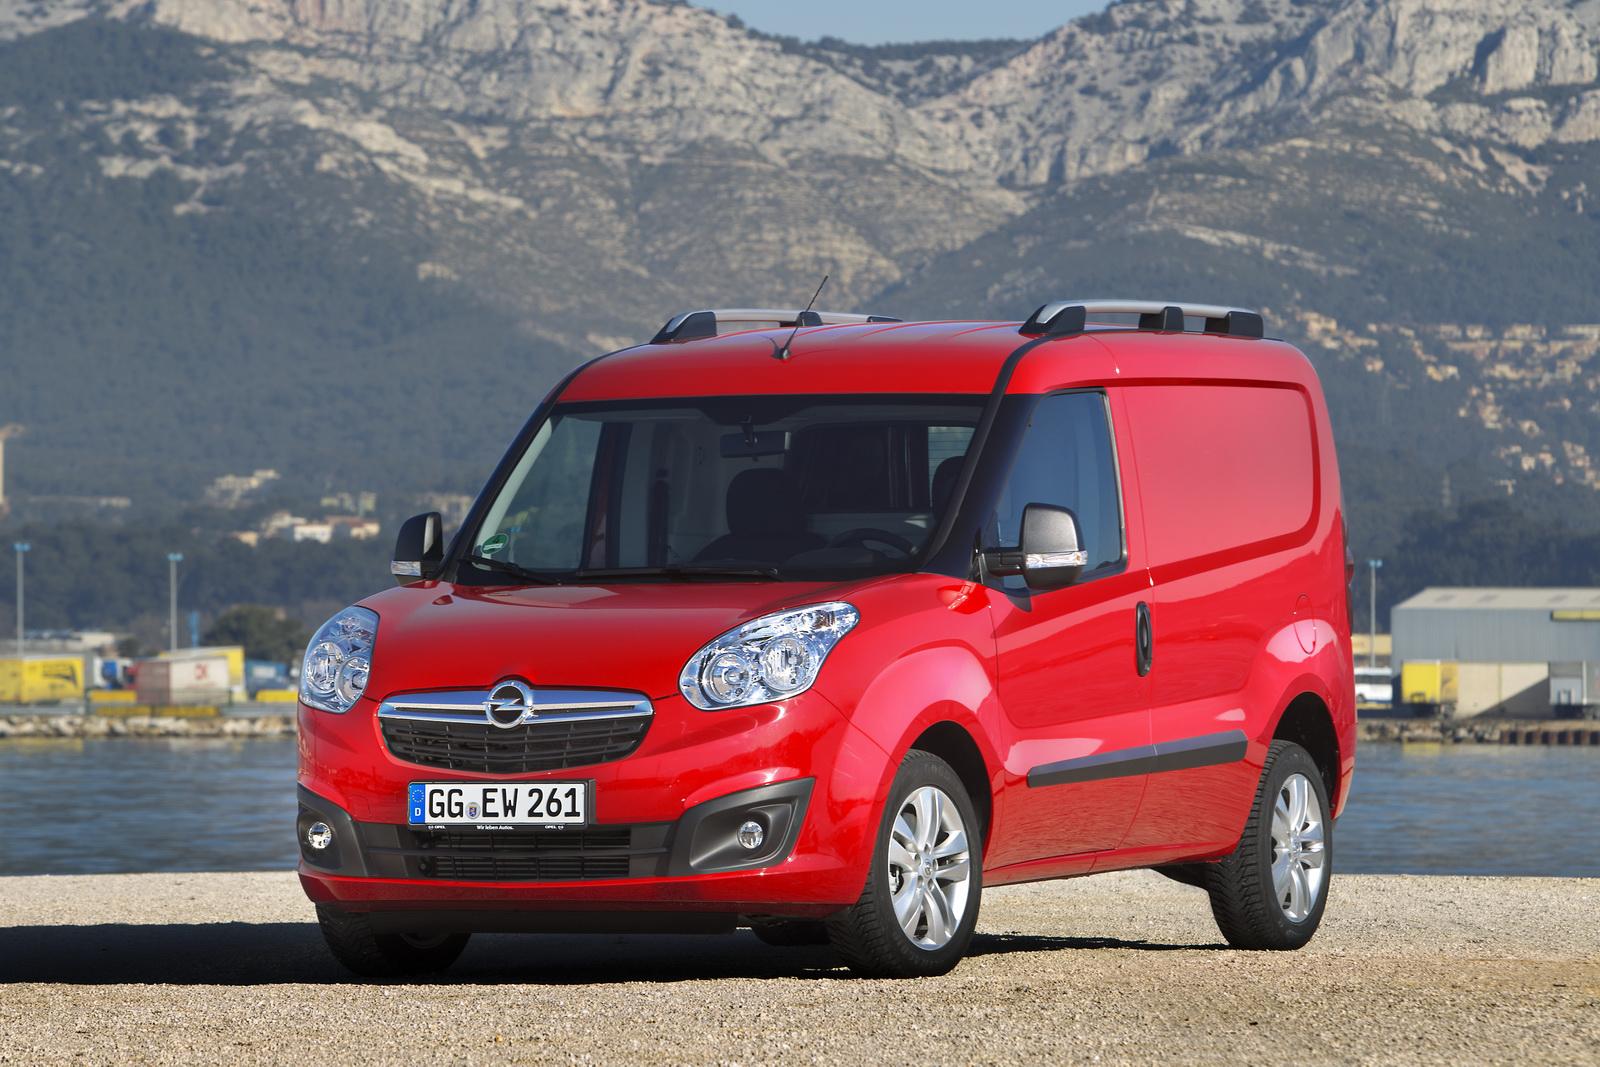 Sin cambios relevantes en su aspecto, cuenta con un completo equipamiento y nuevos motores eficientes de bajo consumo y emisiones contaminantes.